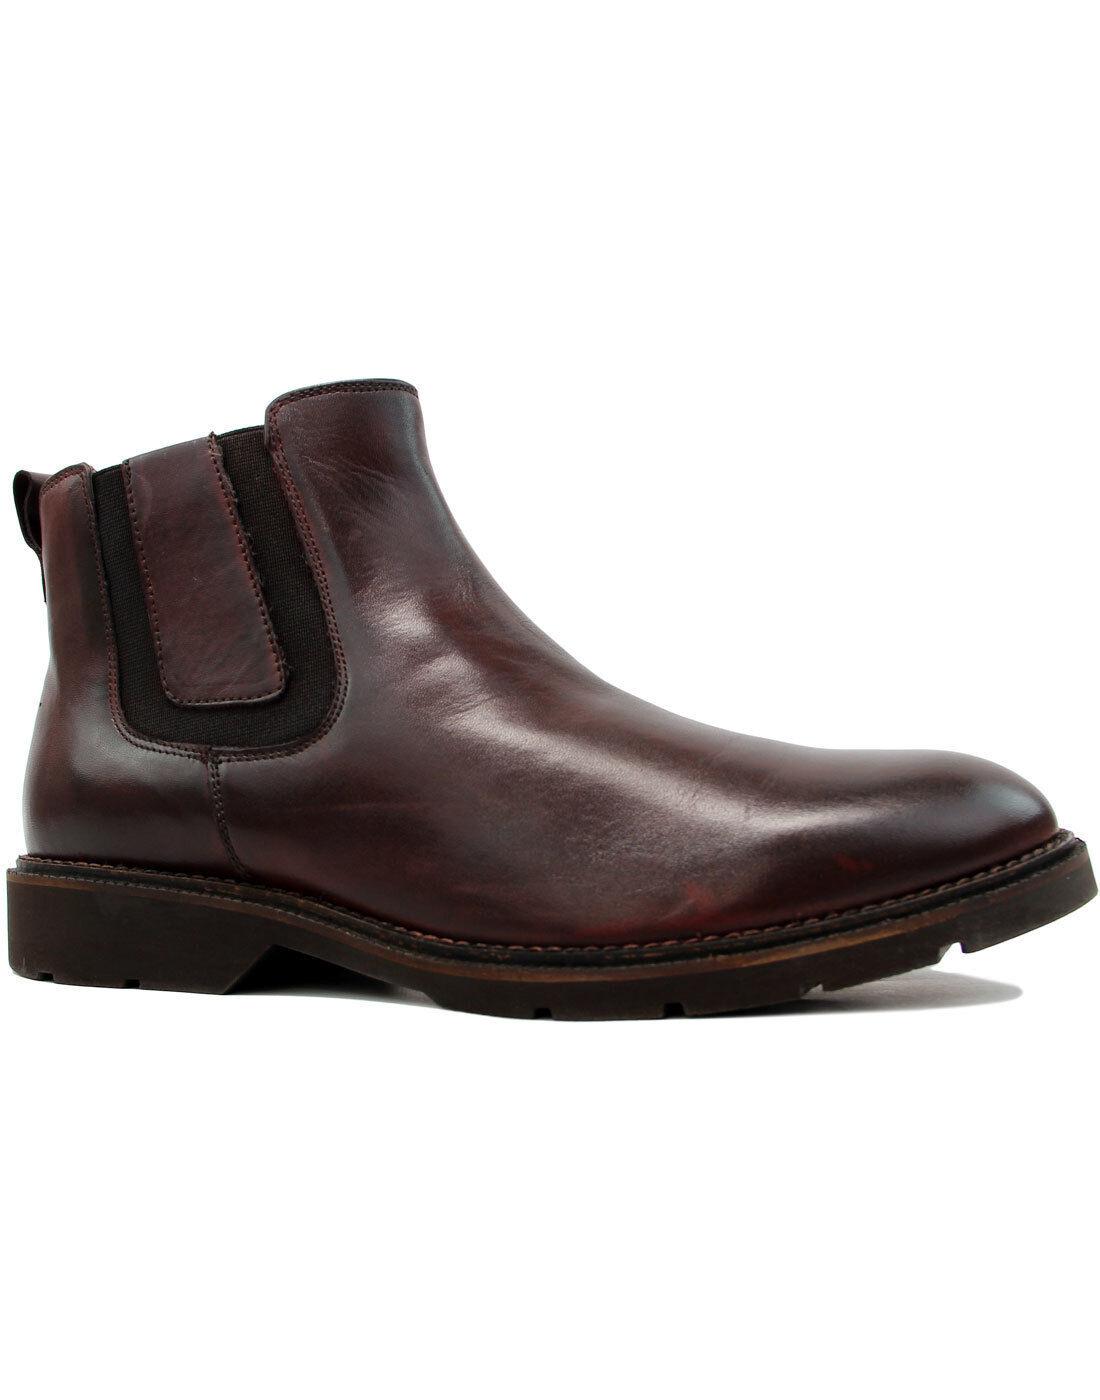 Nuevas botas para hombre Chelsea Cuero Retro 70s Mod 60s 70s Retro Rojo Sangre Jinete M9588BD 15 C c0a488